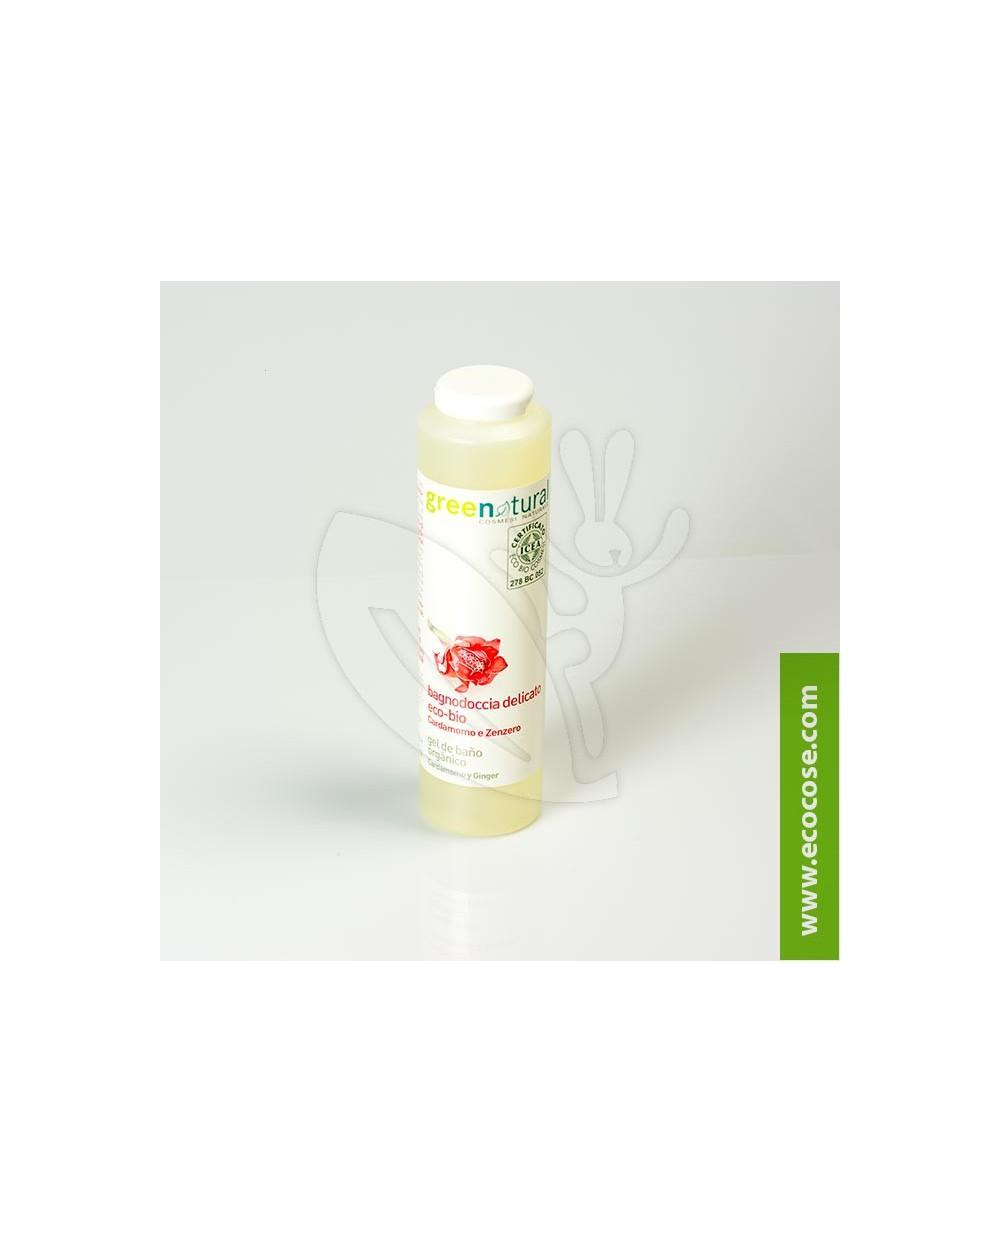 Greenatural - Bagnodoccia delicato Cardamomo e Zenzero